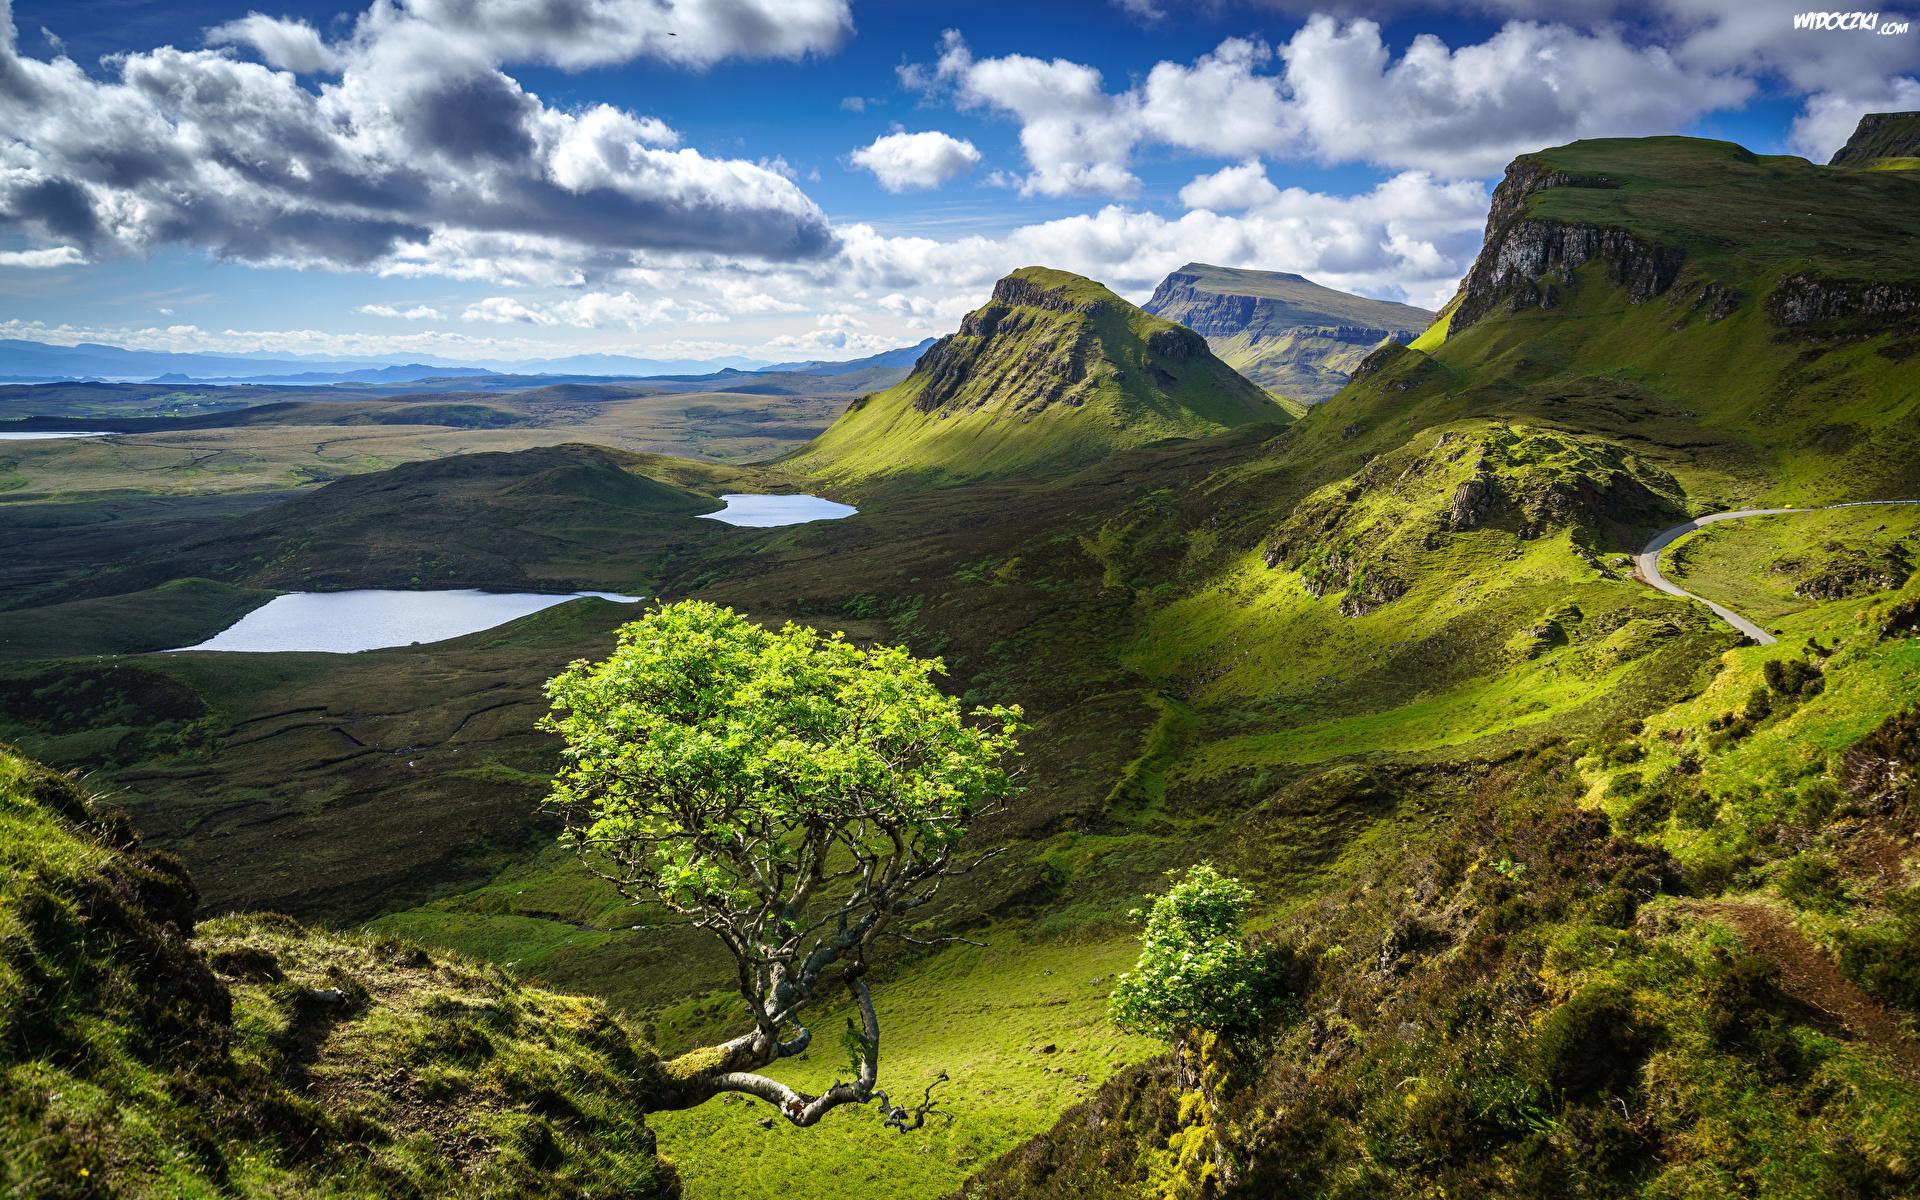 Góry, Jeziora, Zielone, Drzewo, Chmury, Wyspa Skye ...